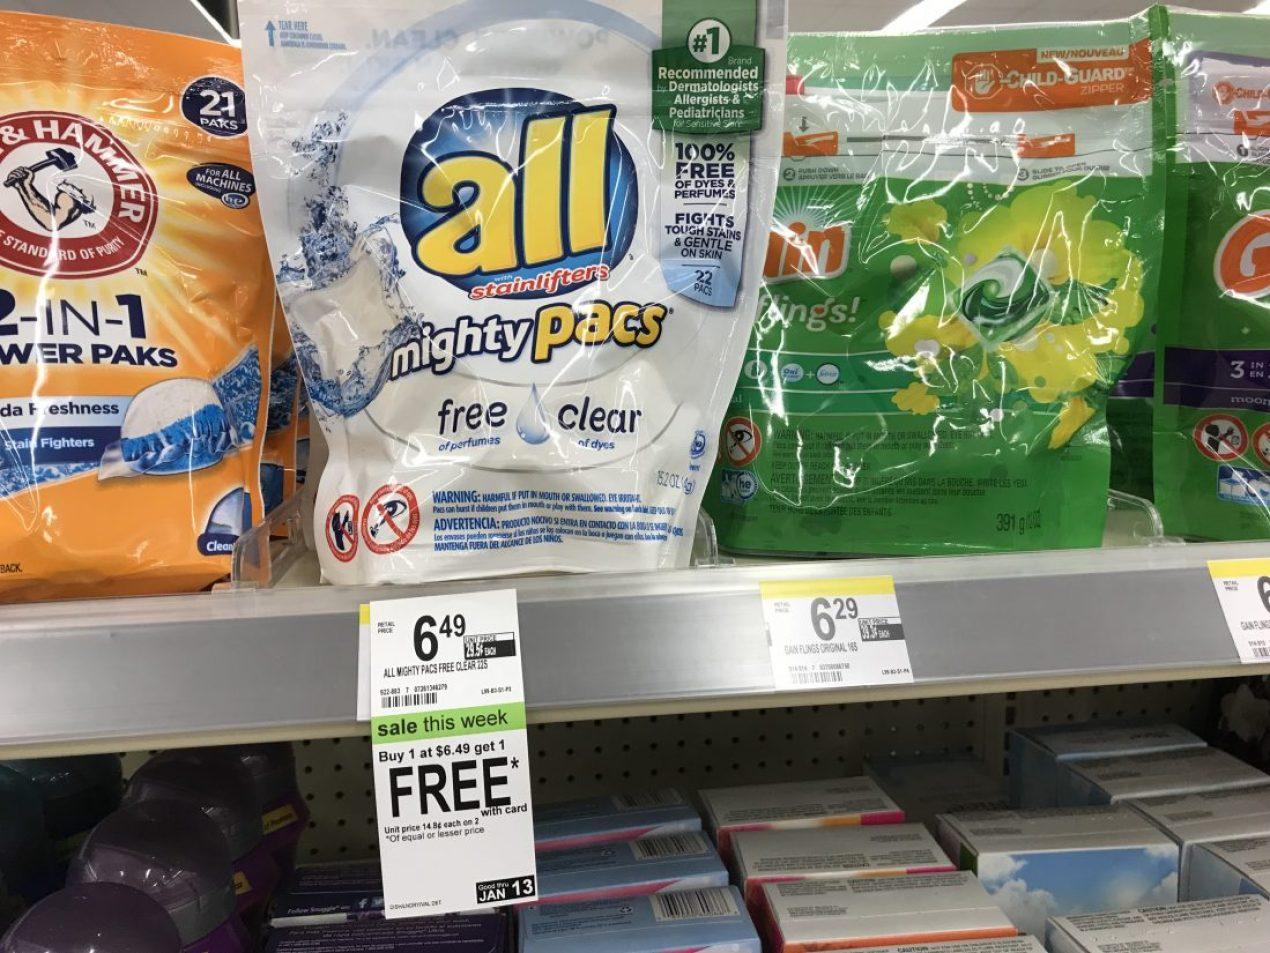 All Mighty Pacs At Walgreens